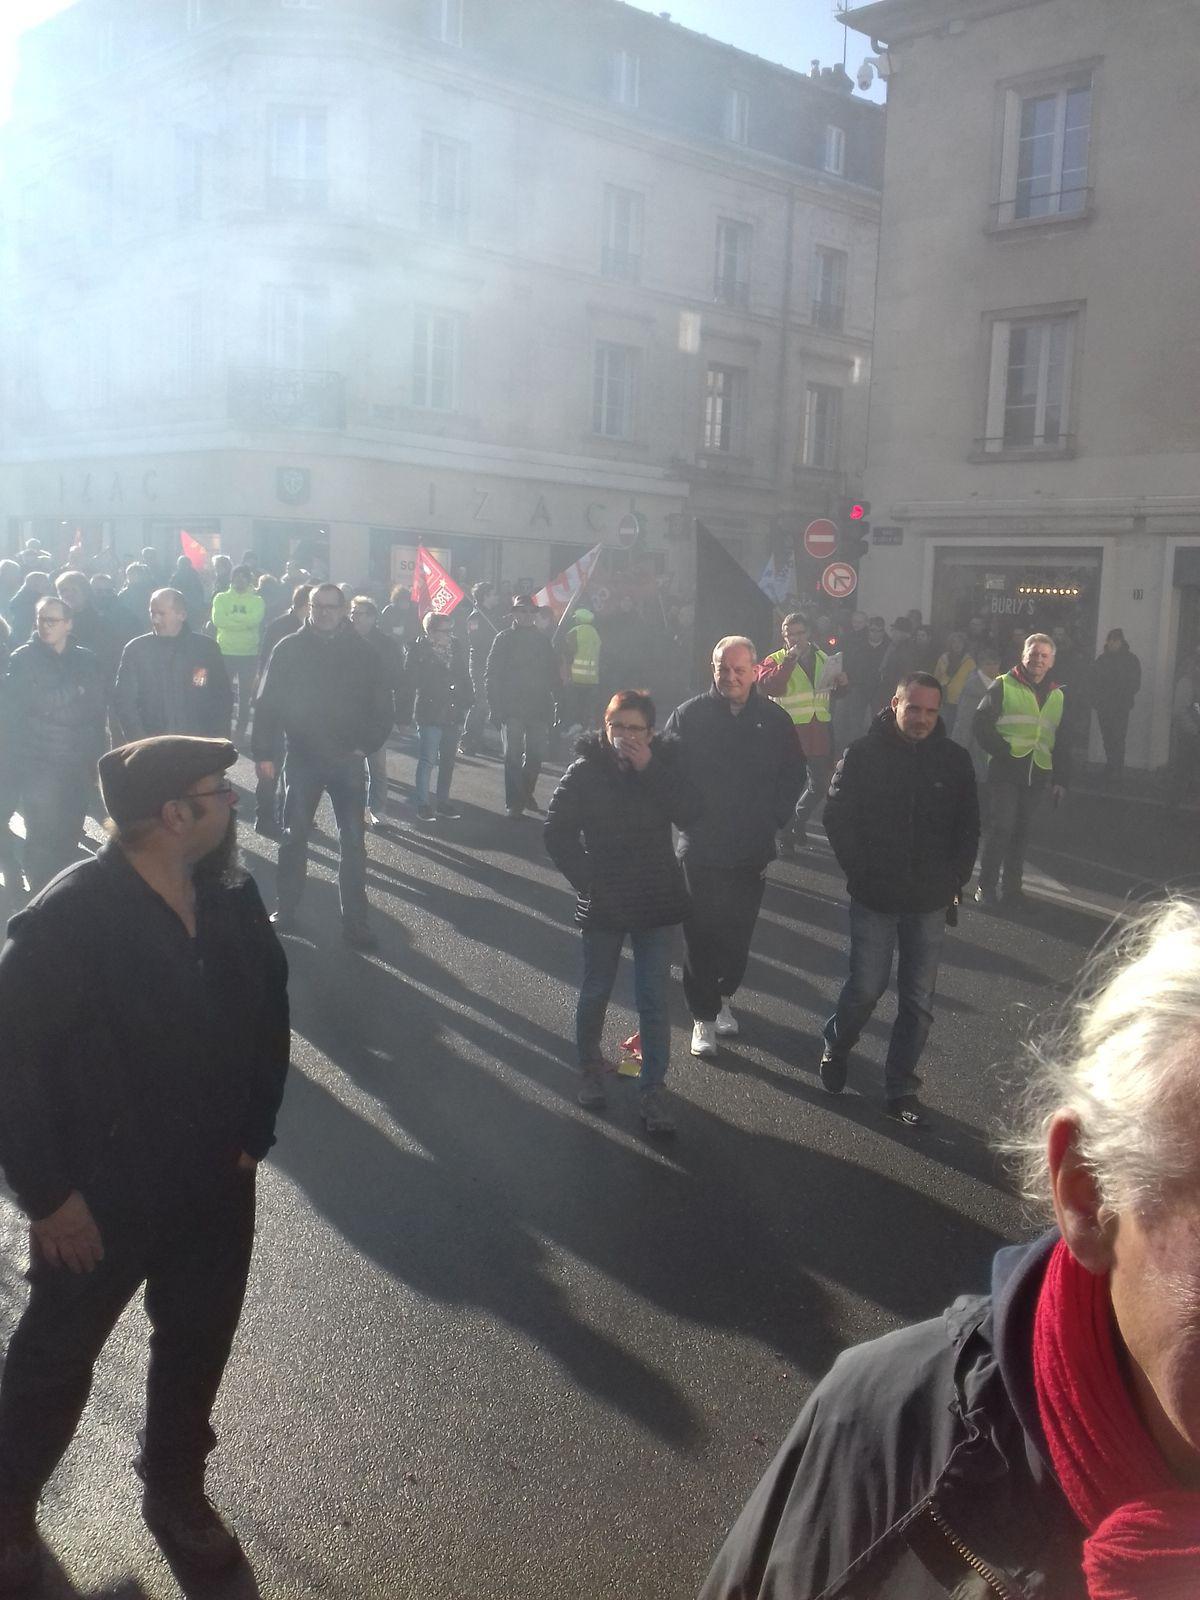 Manifestation Compiègne, un syndicaliste cfdt brûle sa casquette